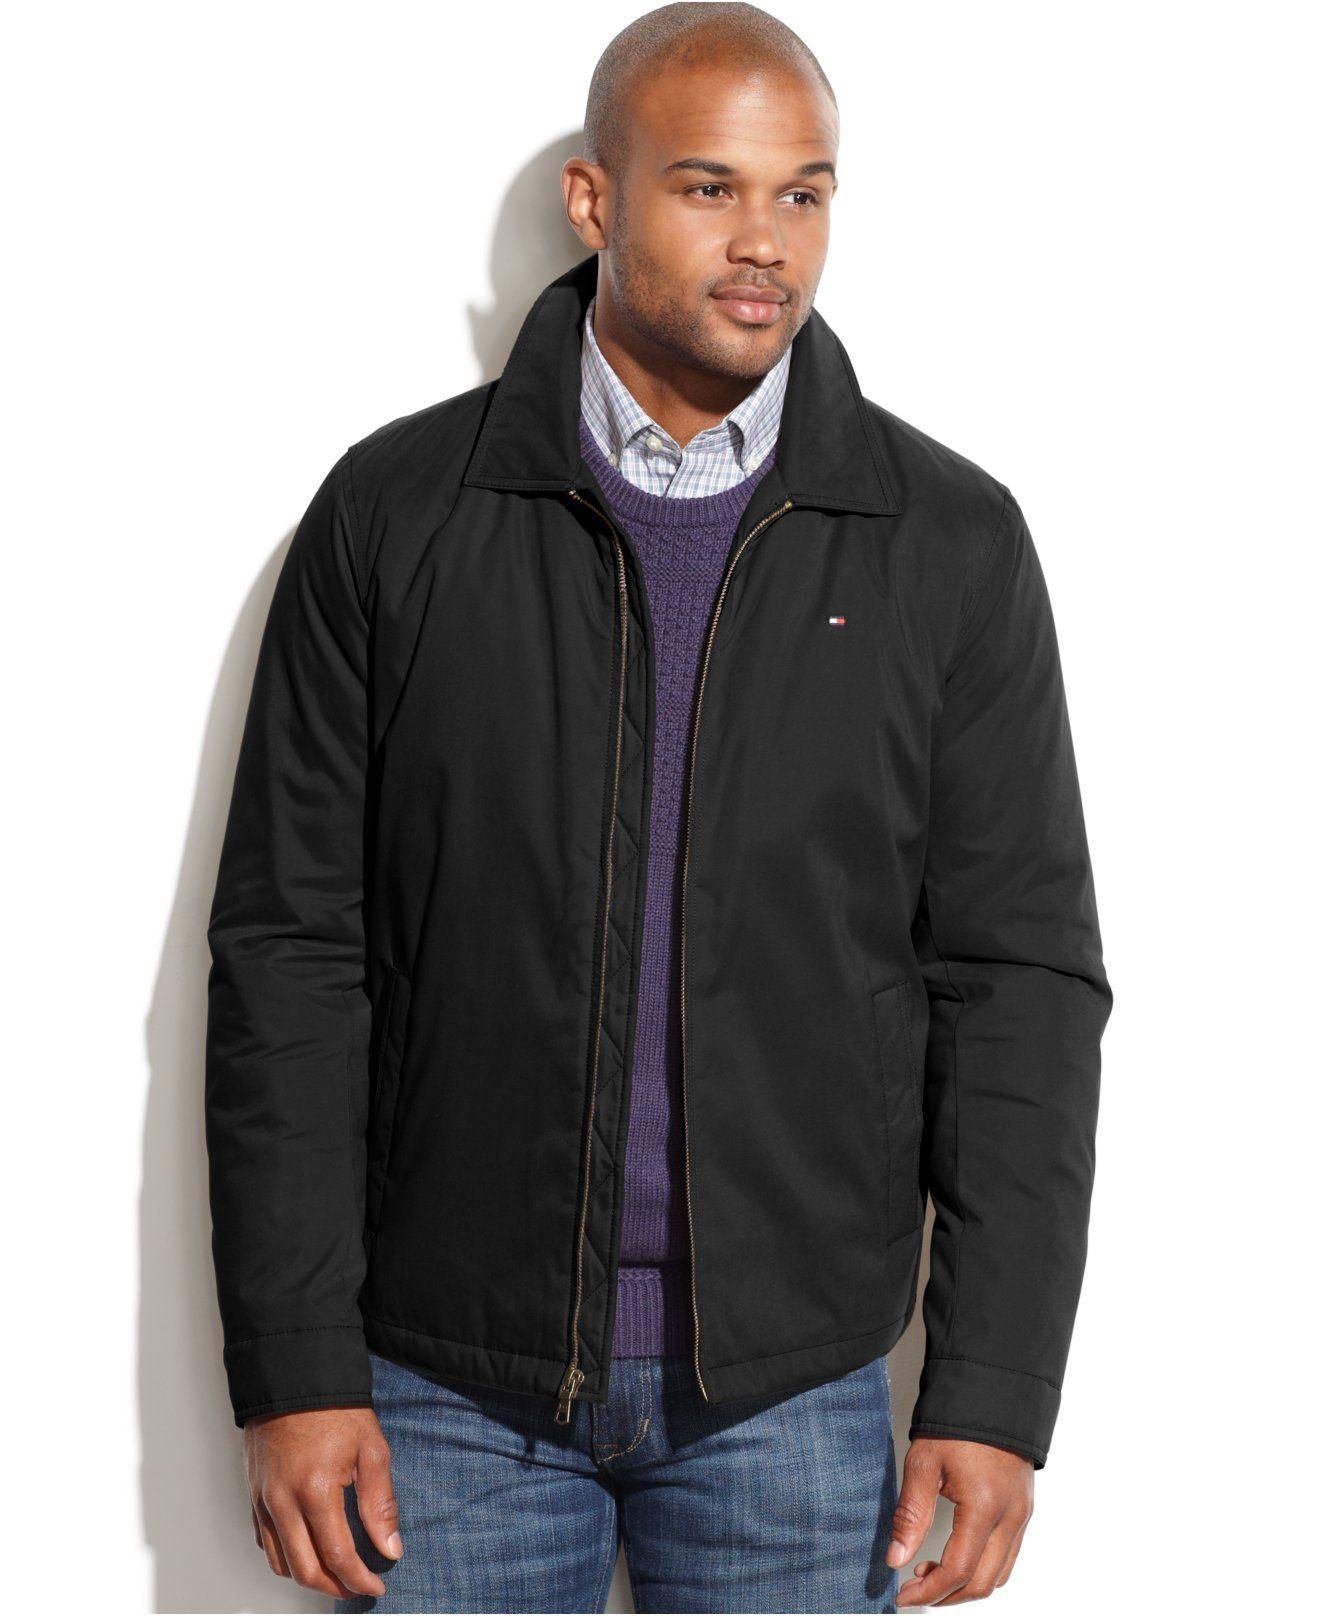 Tommy Hilfiger Full Zip Microtwill Jacket Coats Jackets Men Macy S Mens Jackets Tommy Hilfiger Jackets [ 1616 x 1320 Pixel ]